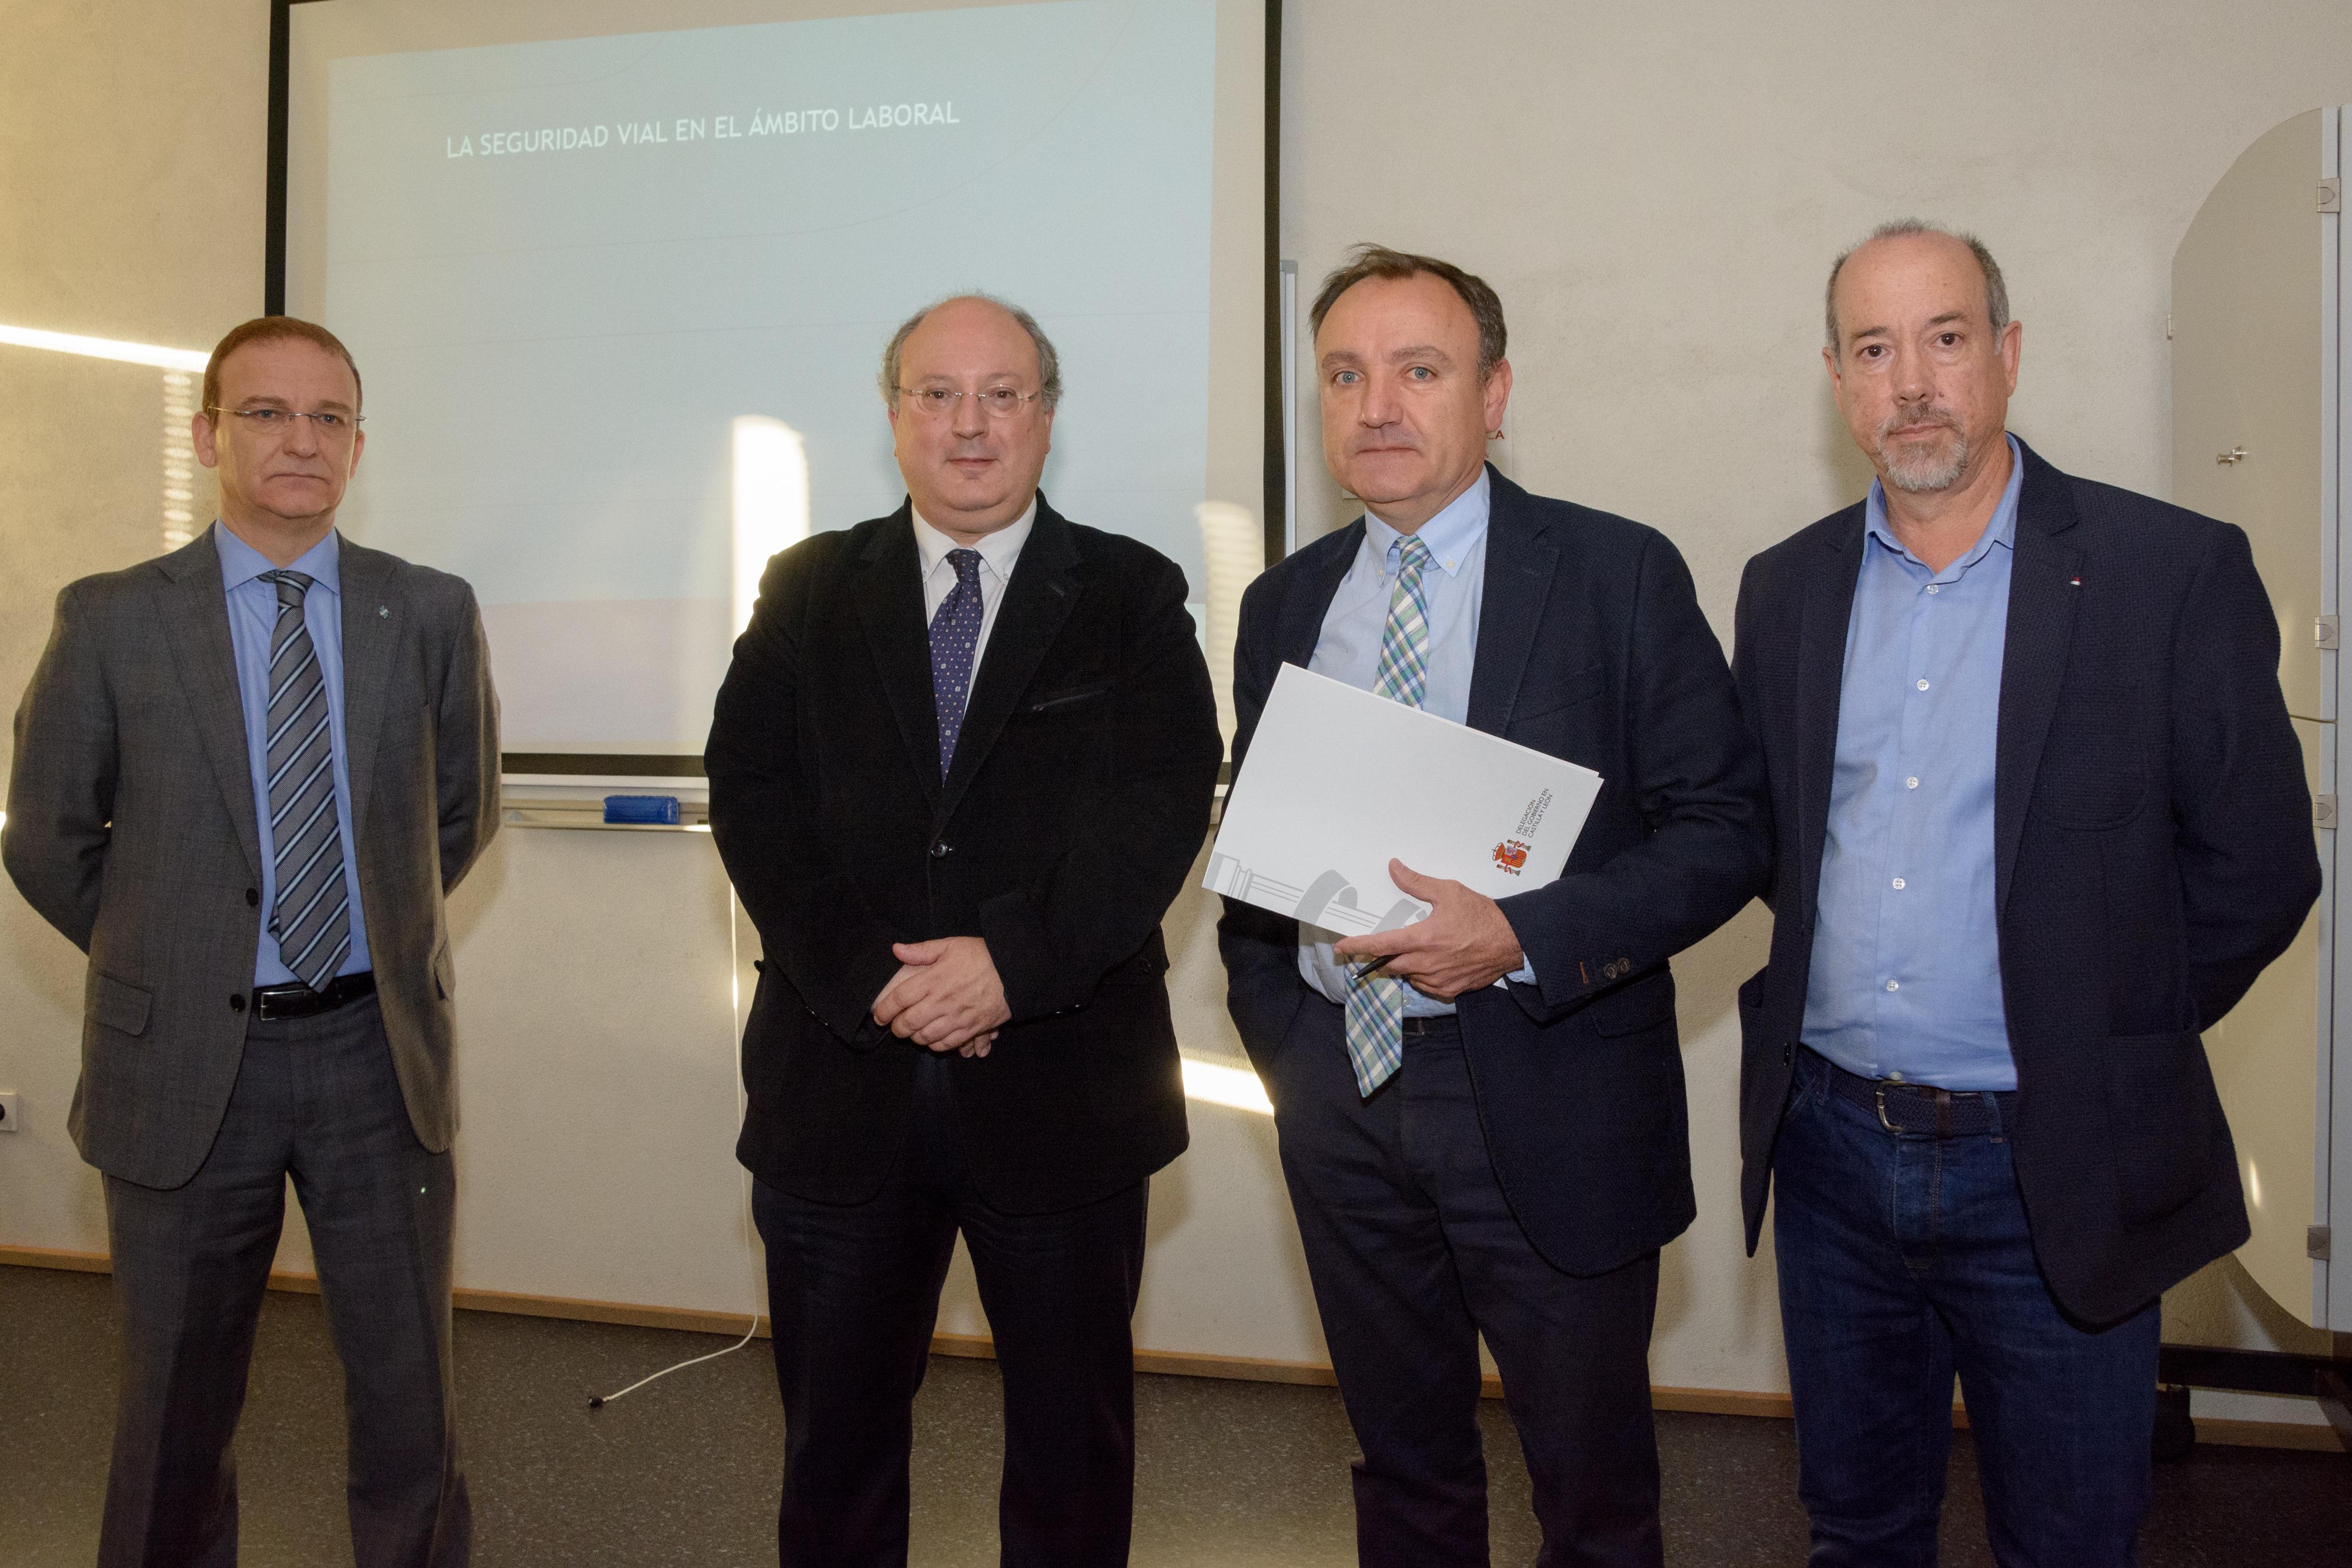 La Jefatura Provincial de Tráfico forma al personal de la Universidad de Salamanca sobre Seguridad Vial en el ámbito laboral